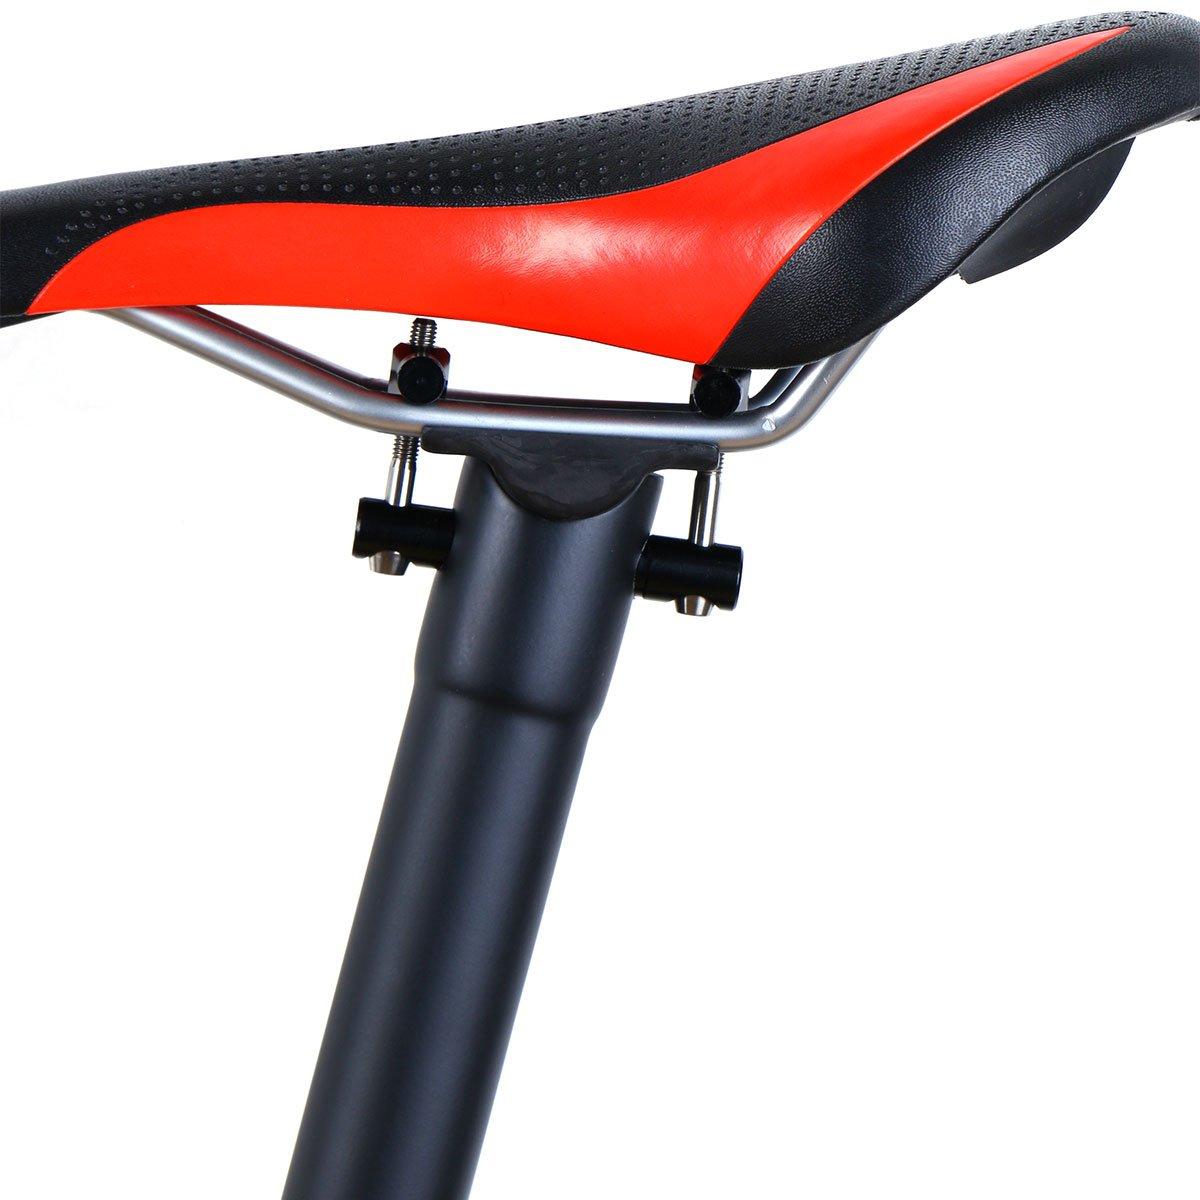 31,6mm Radfahren Sattelstütze 30,8 Sehr robust Voll Carbon Sattelstütze 27,2